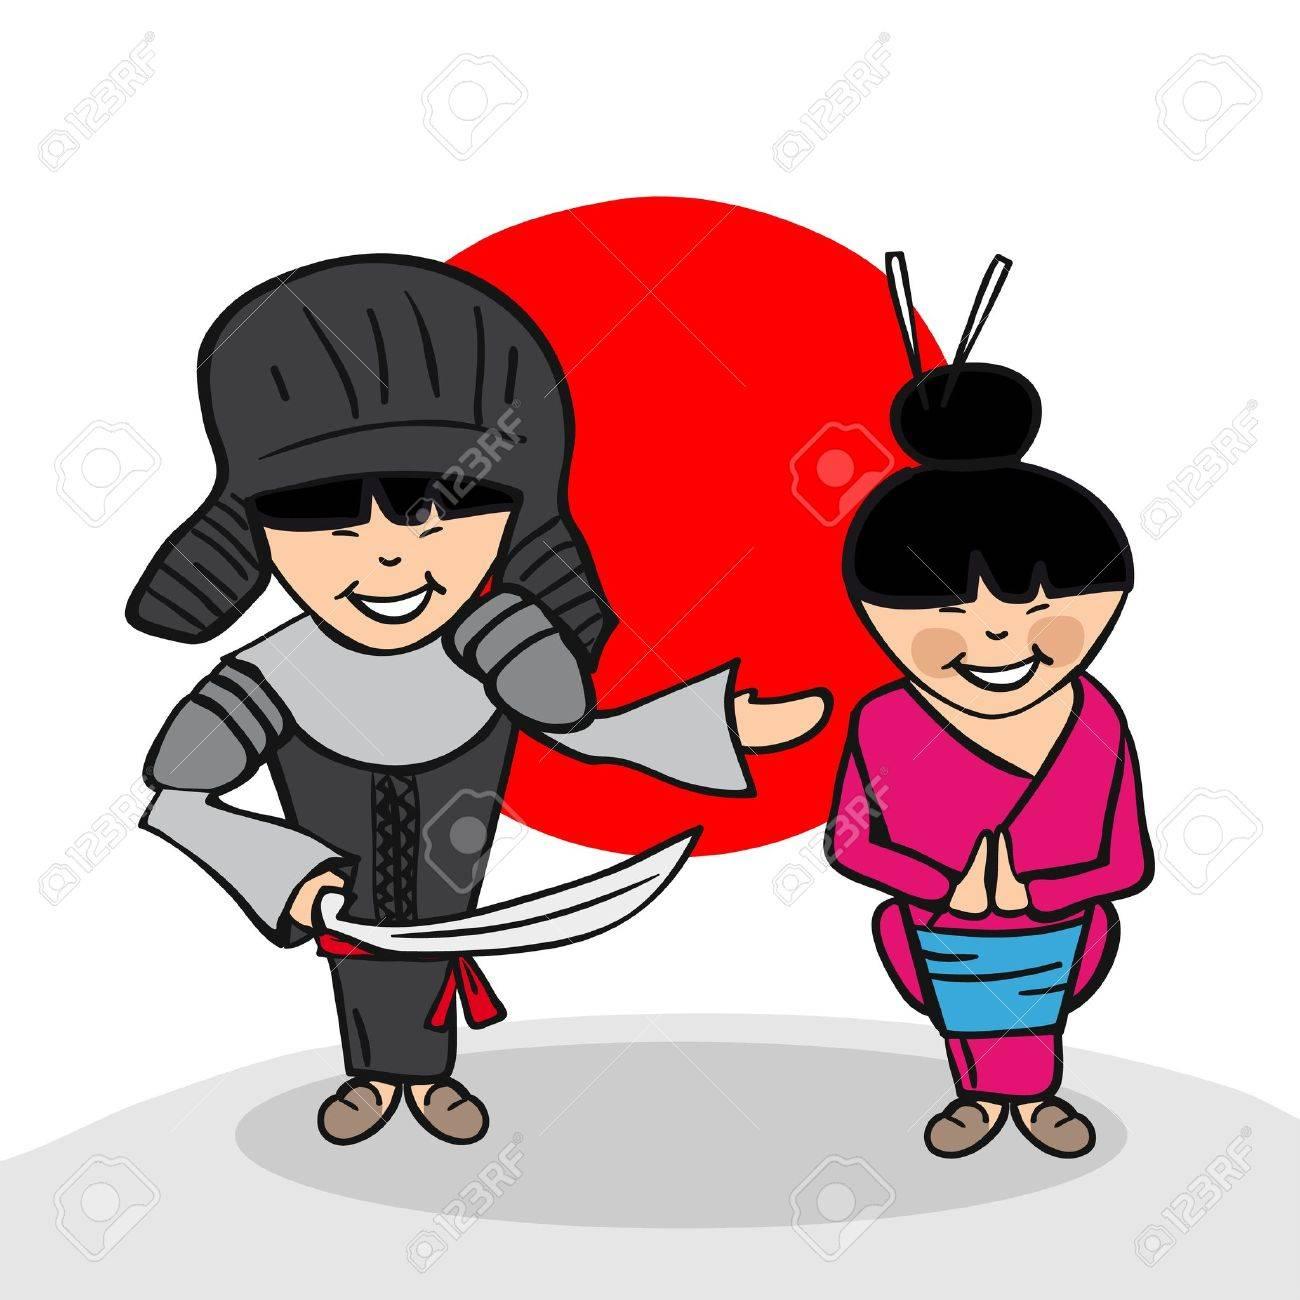 Homme Femme Couple Japonais Et De Dessin Animé Avec Un Fond De Drapeau National Illustration Vectorielle Couches Pour Lédition Facile